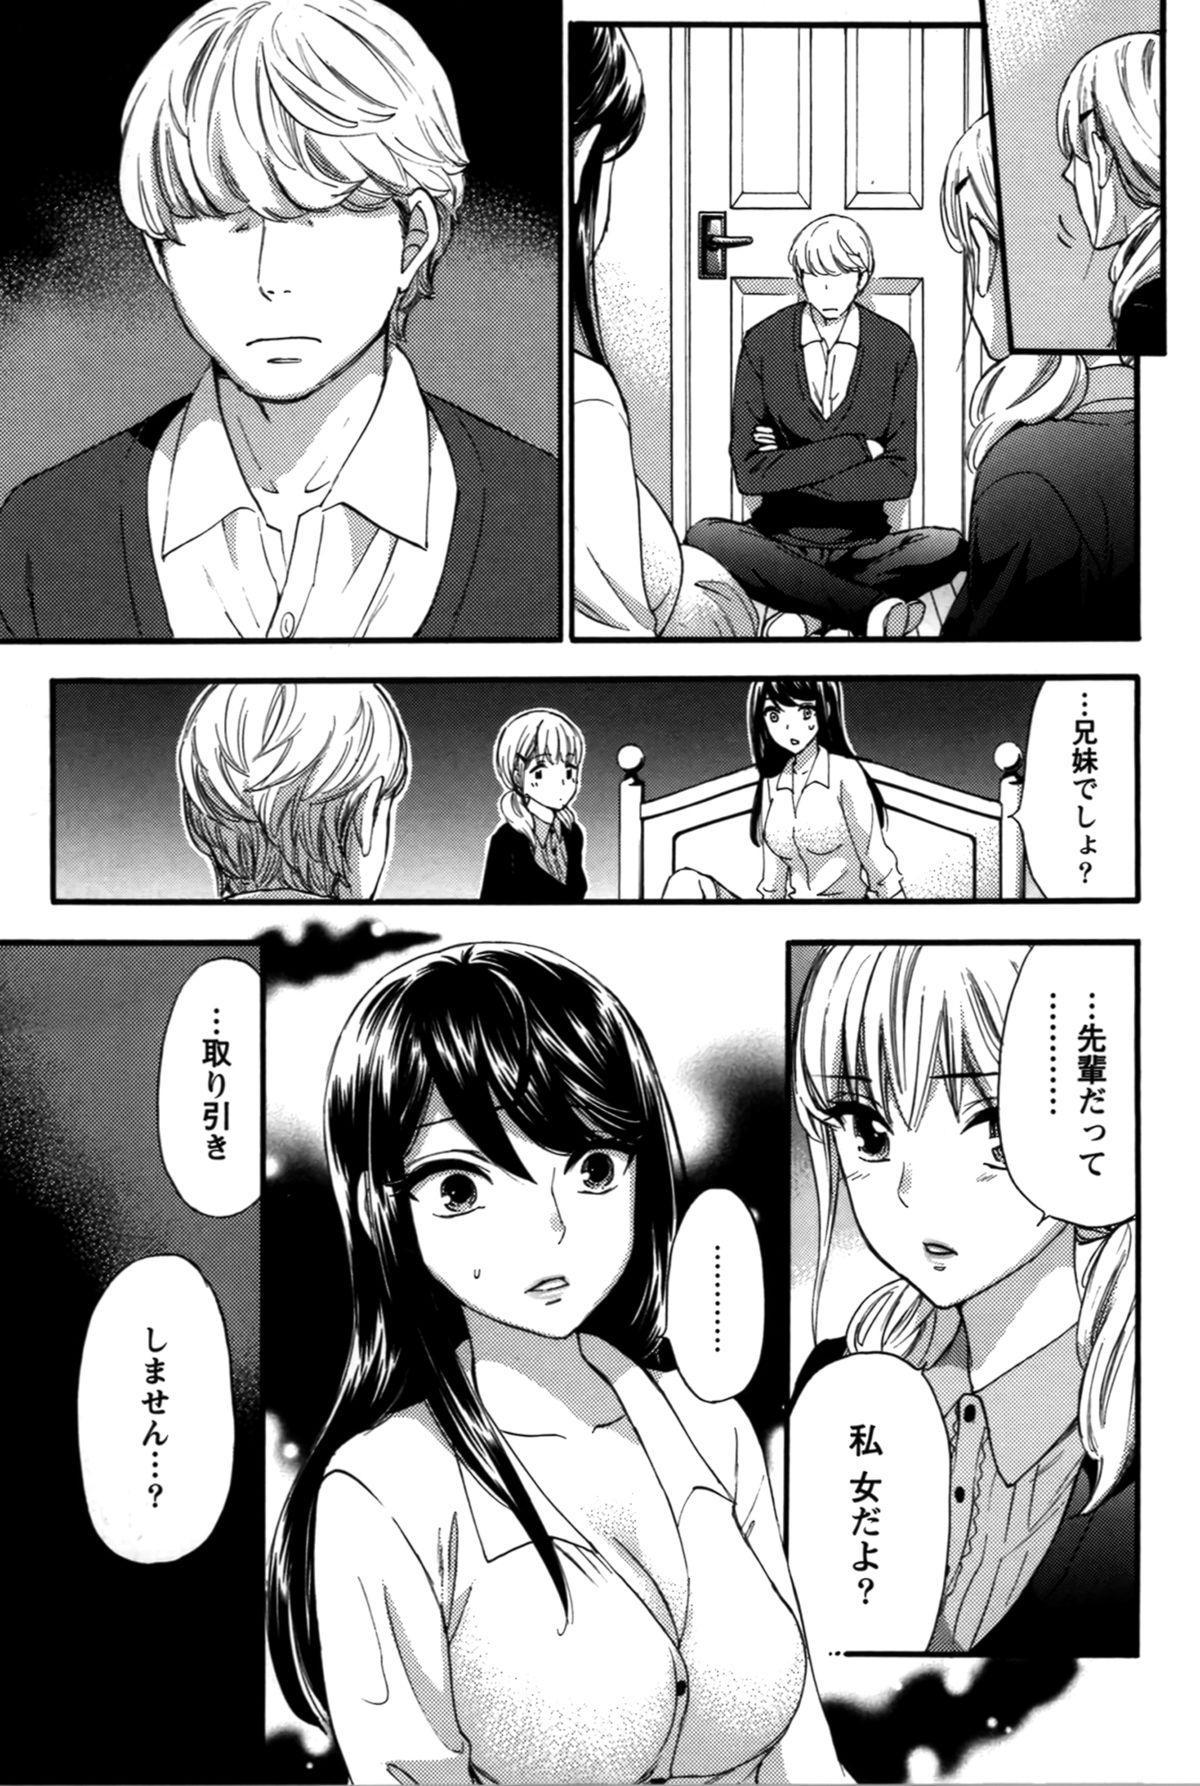 Anata to Watashi wa Warukunai 167